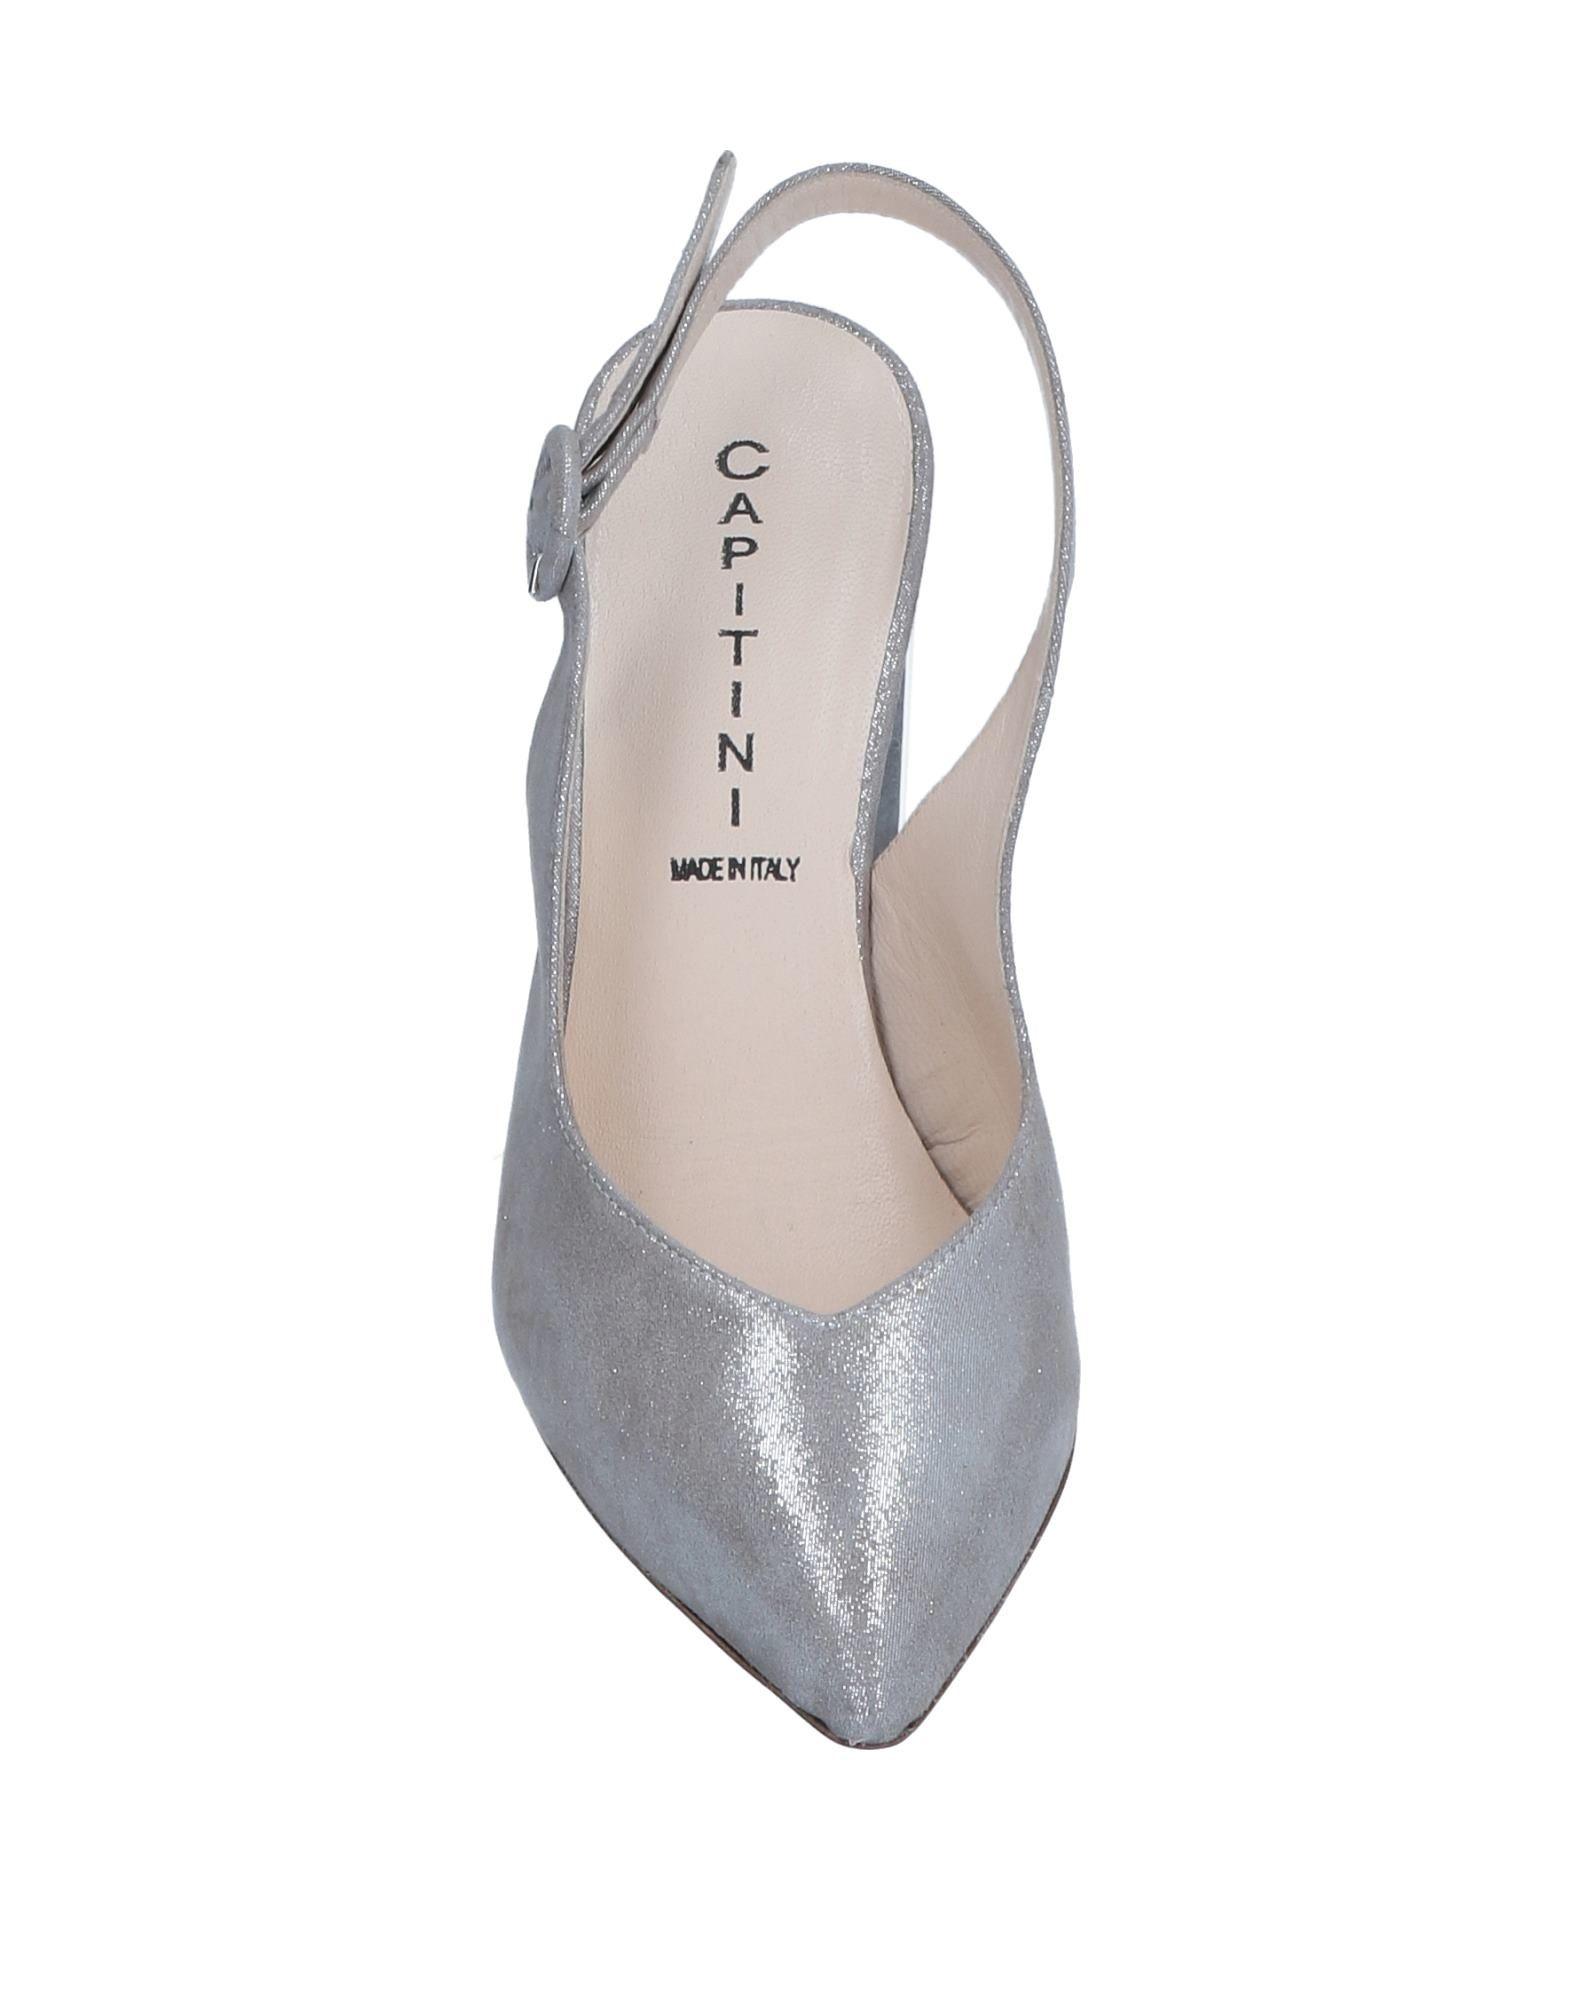 Capitini Pumps Damen beliebte  11549409TW Gute Qualität beliebte Damen Schuhe aa6f4a